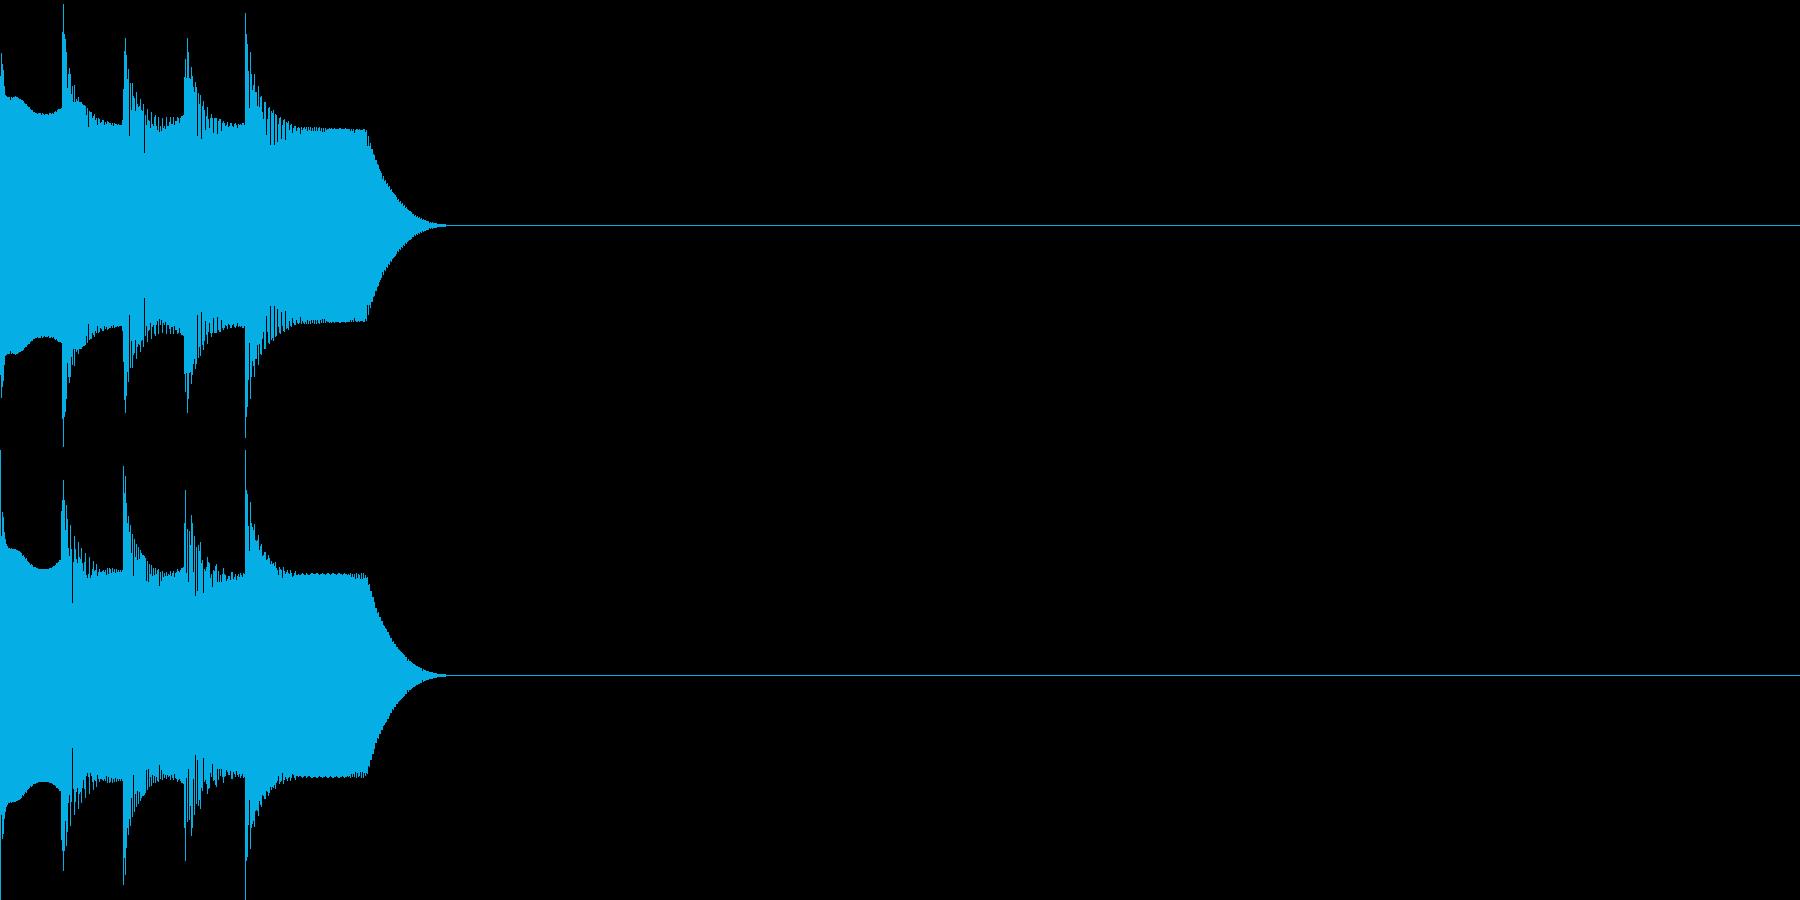 決定音24(シンセR)の再生済みの波形